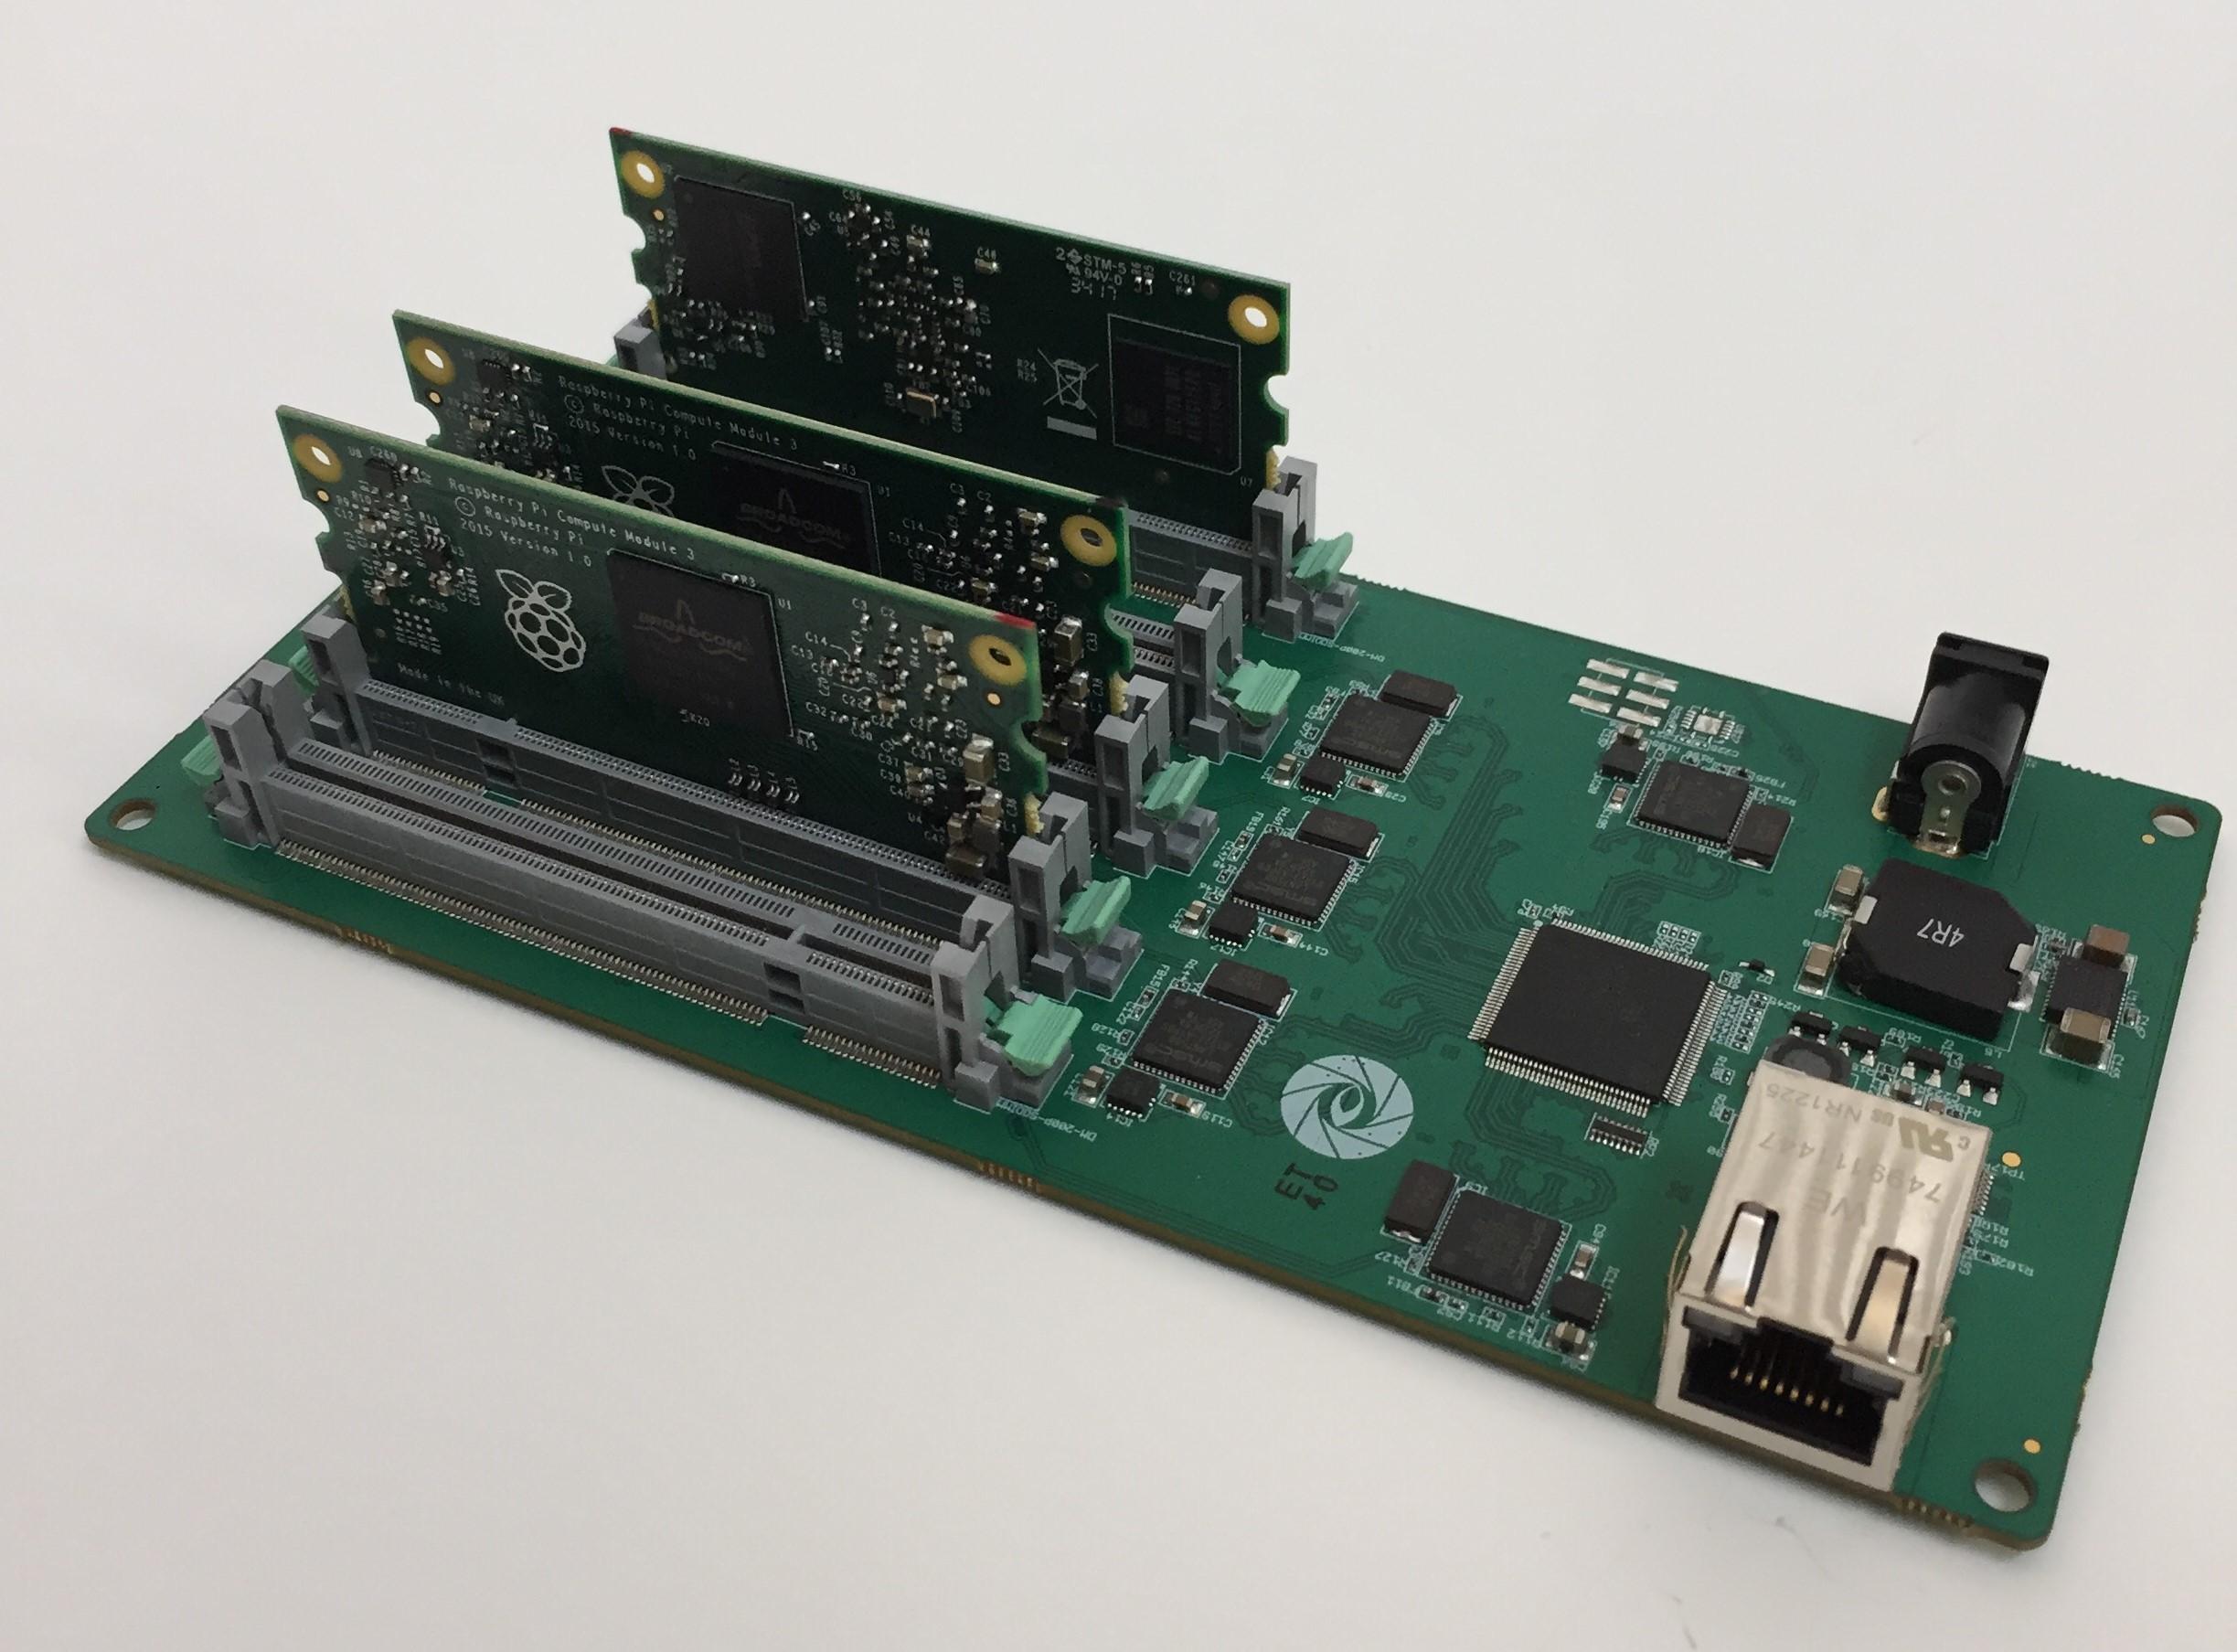 Mininodes Raspberry Pi Multiple Com Carrier Board on Raspberry Pi Serial Port